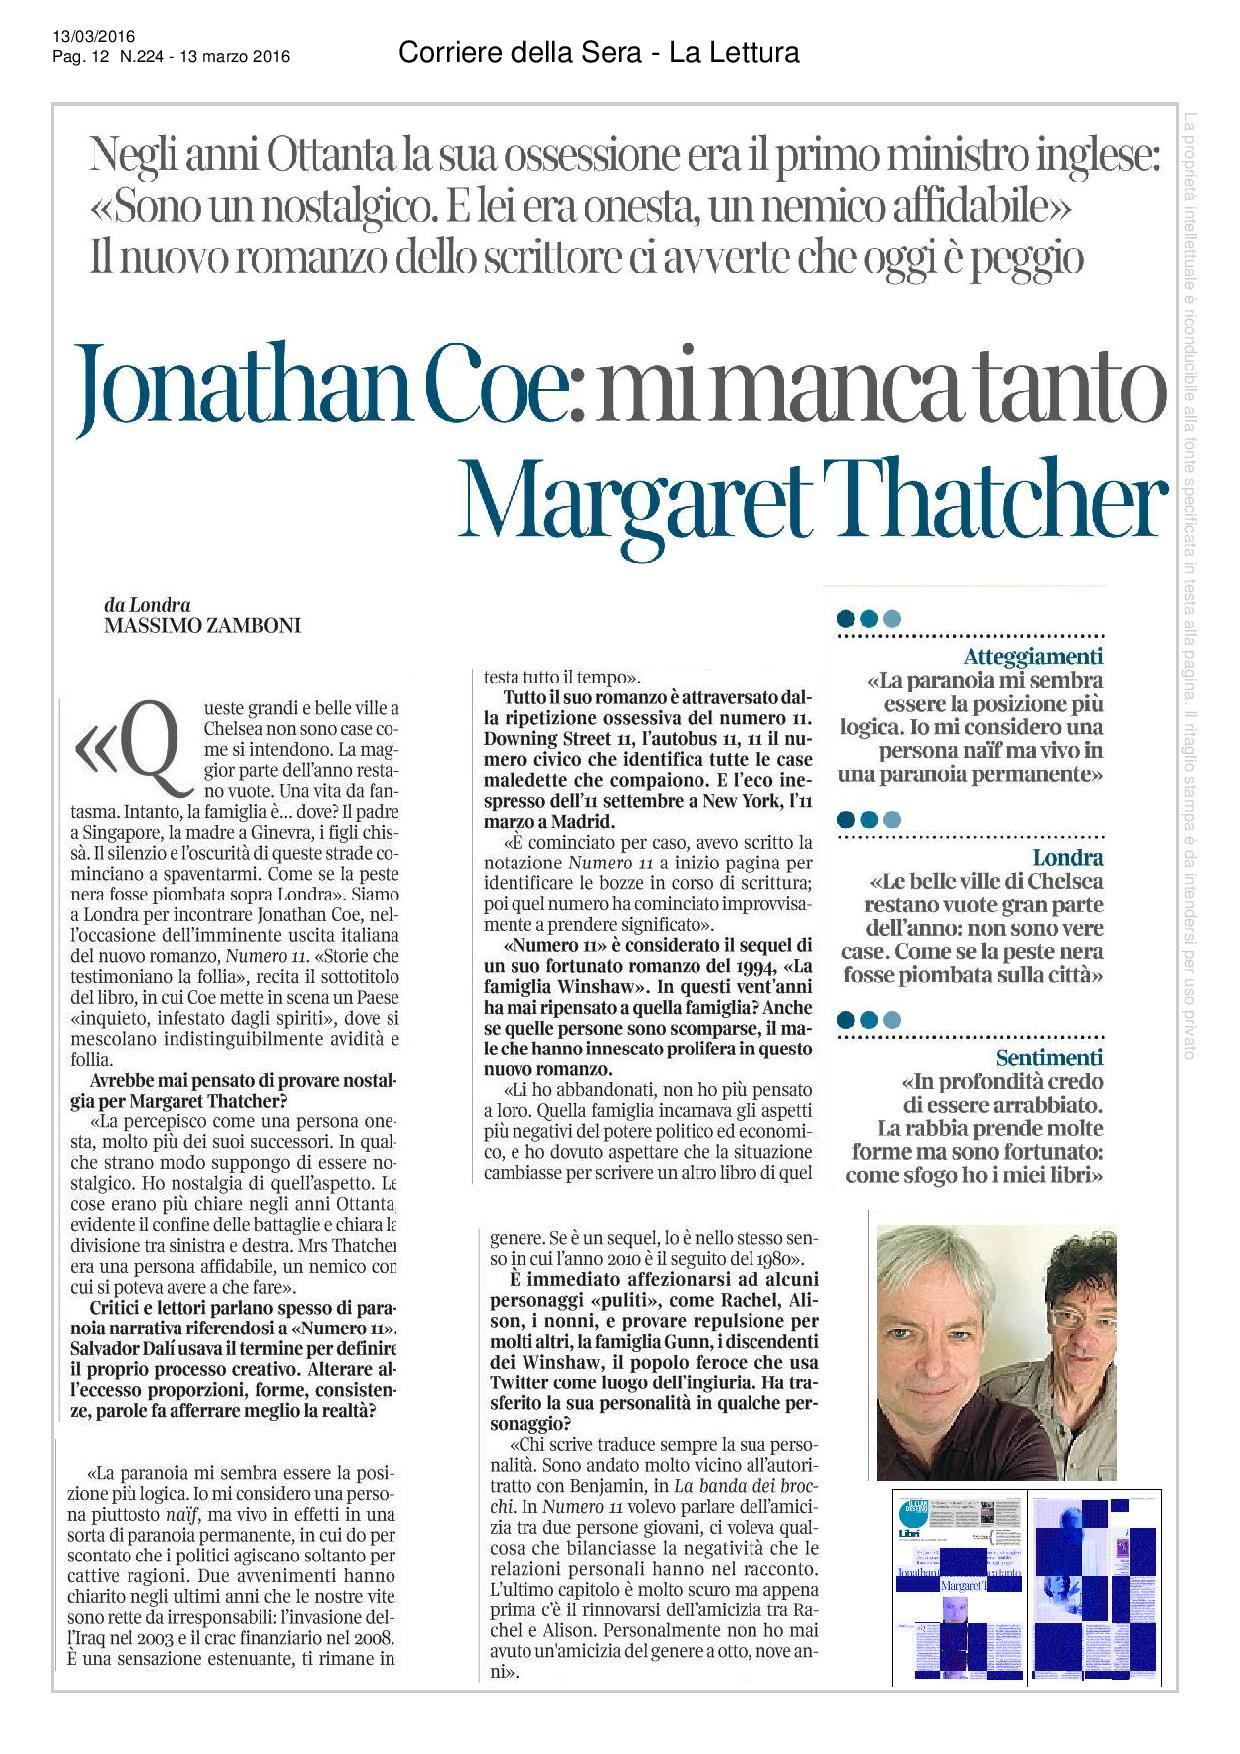 corriere-della-sera-del-13-03-16-page-001